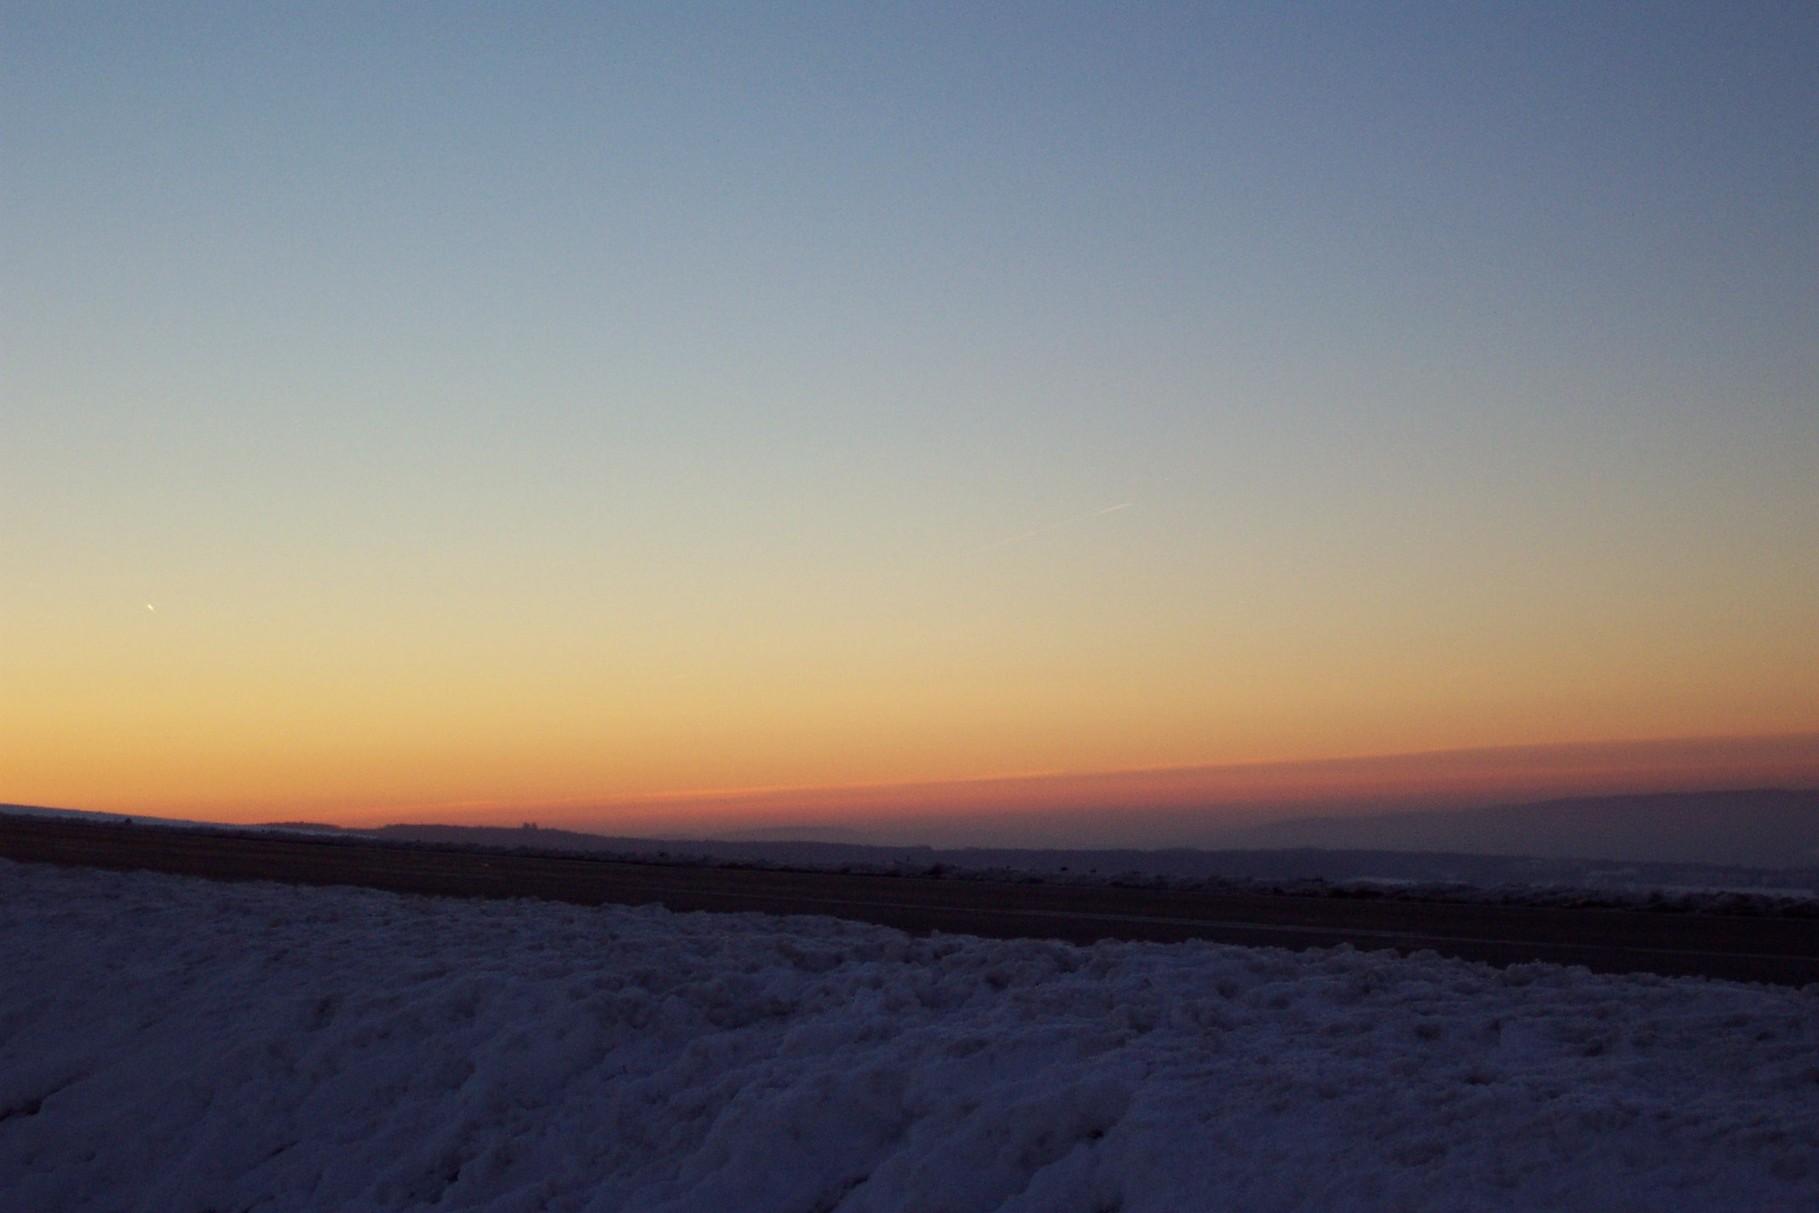 Sonnenuntergang von der Korlinger Höhe aus